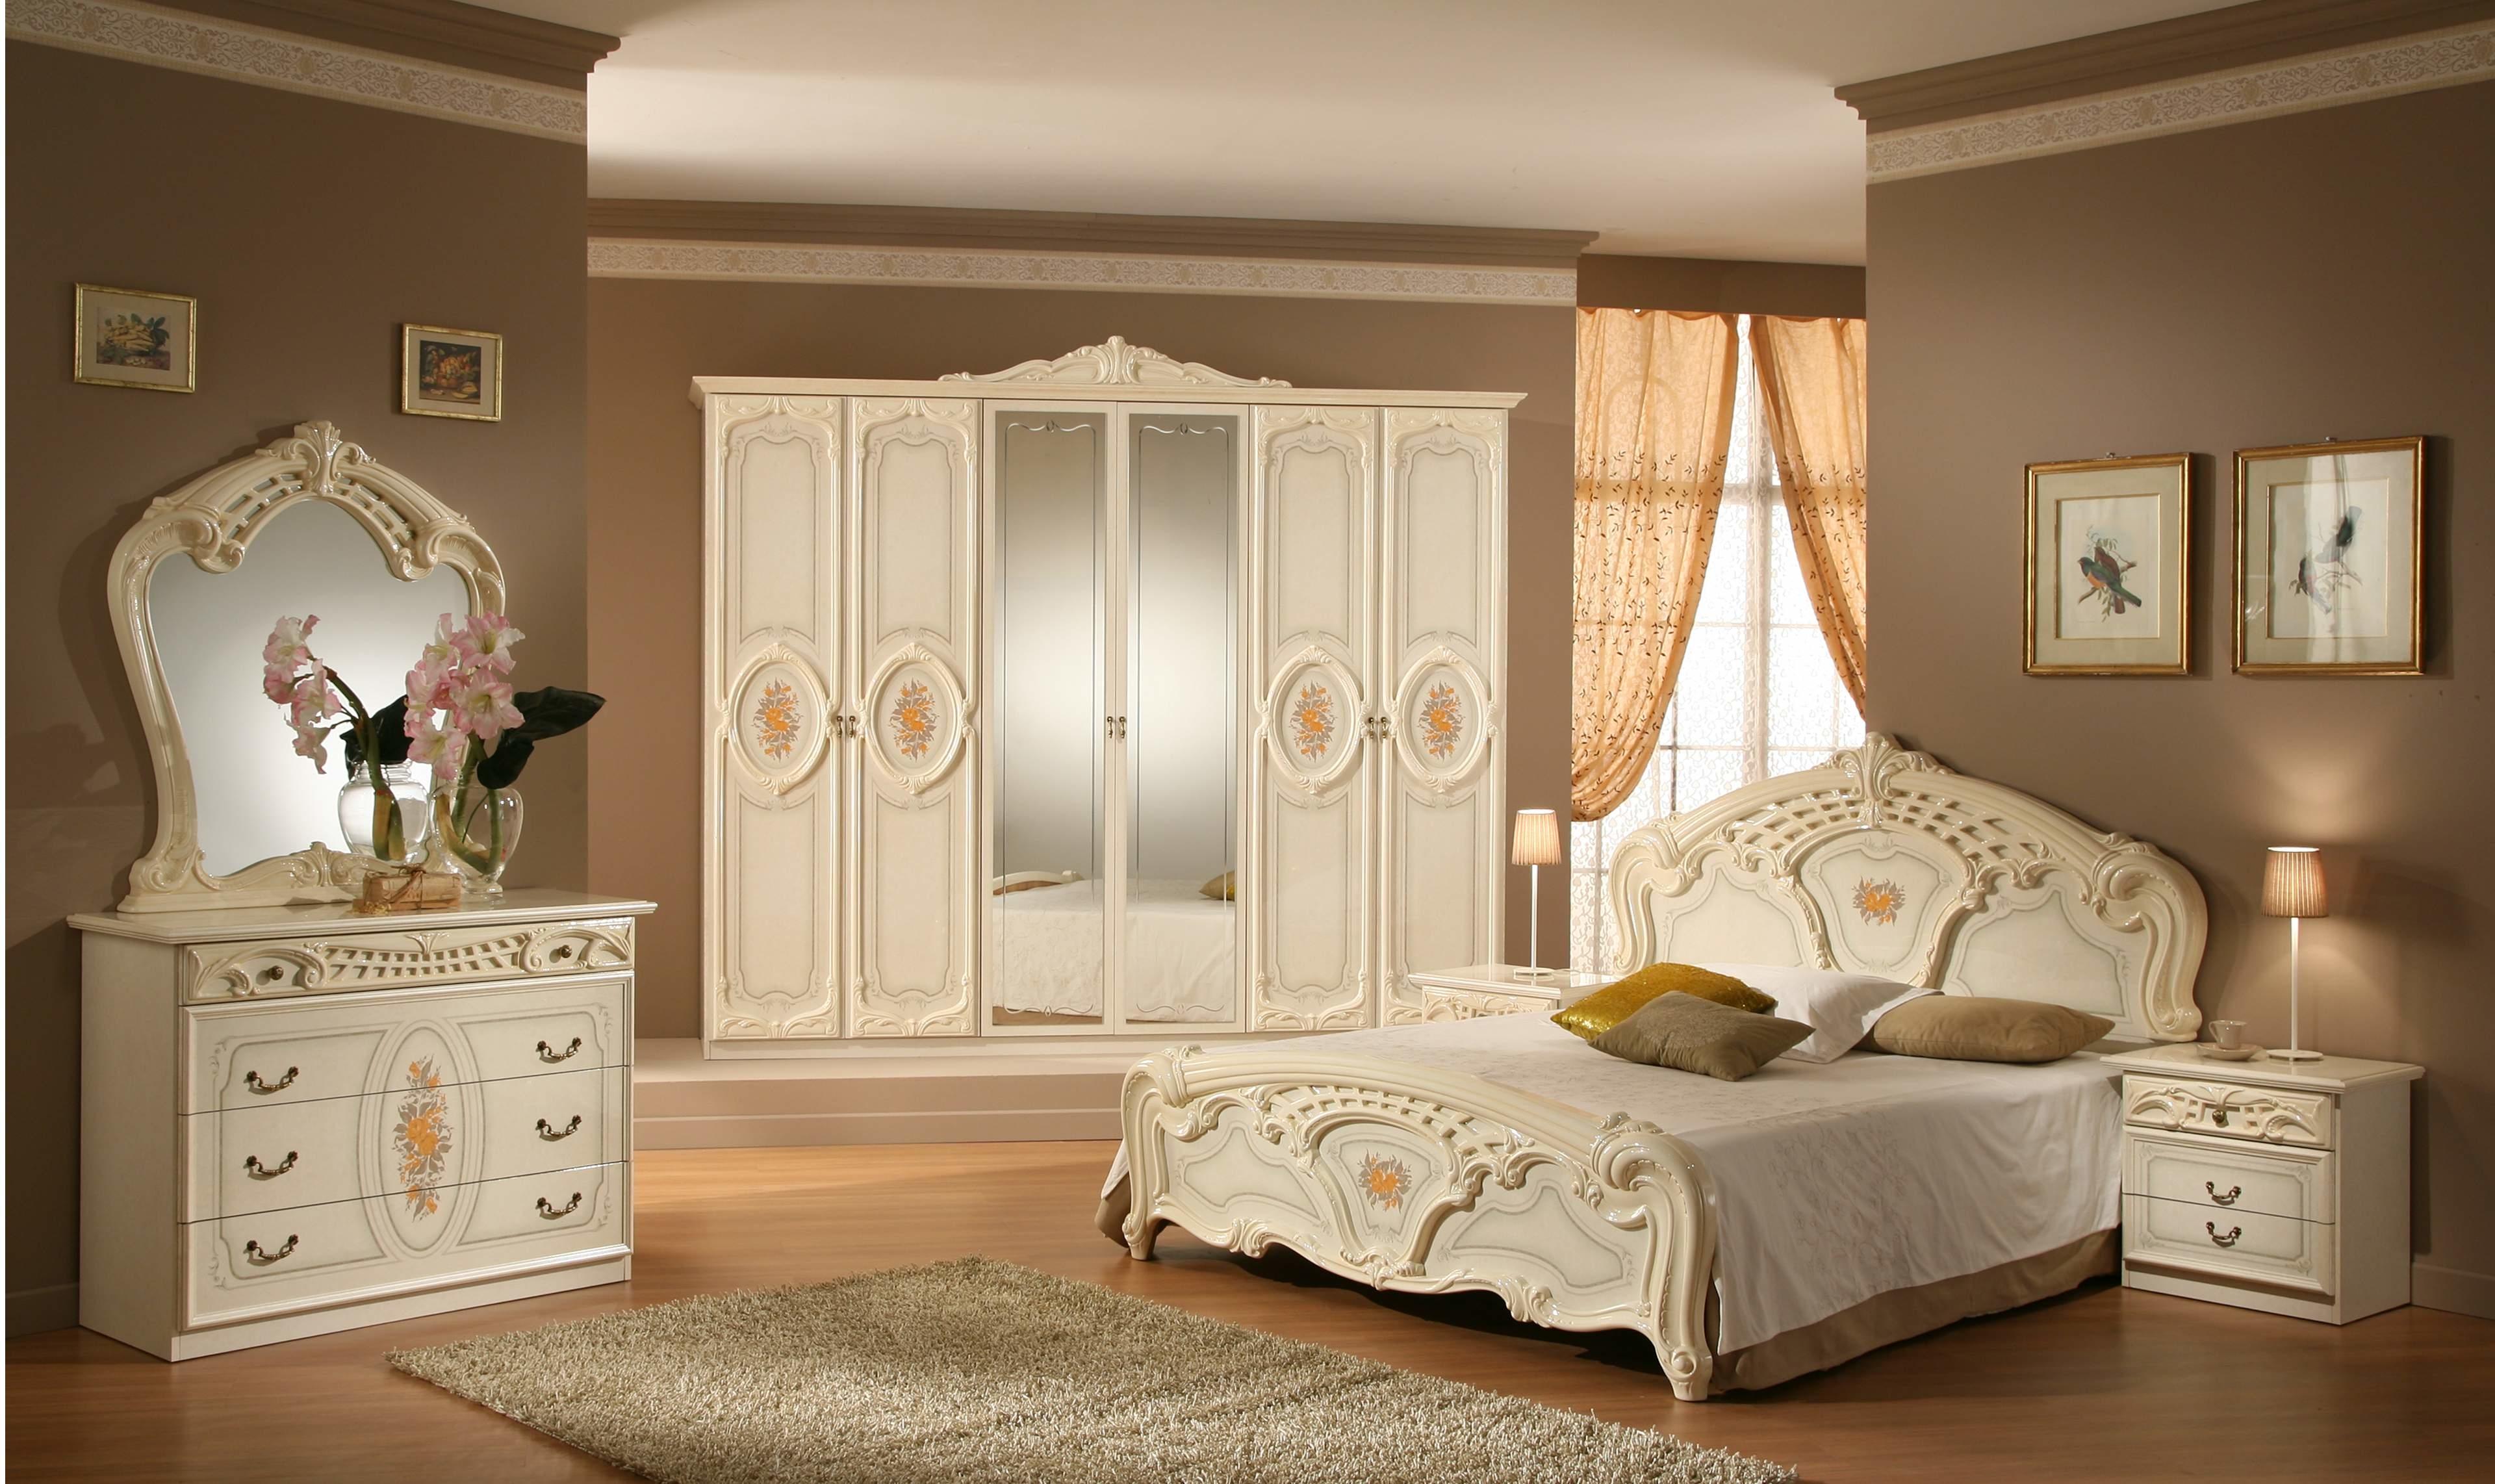 vintage bedroom furniture - officialkod.com KUEXJPY